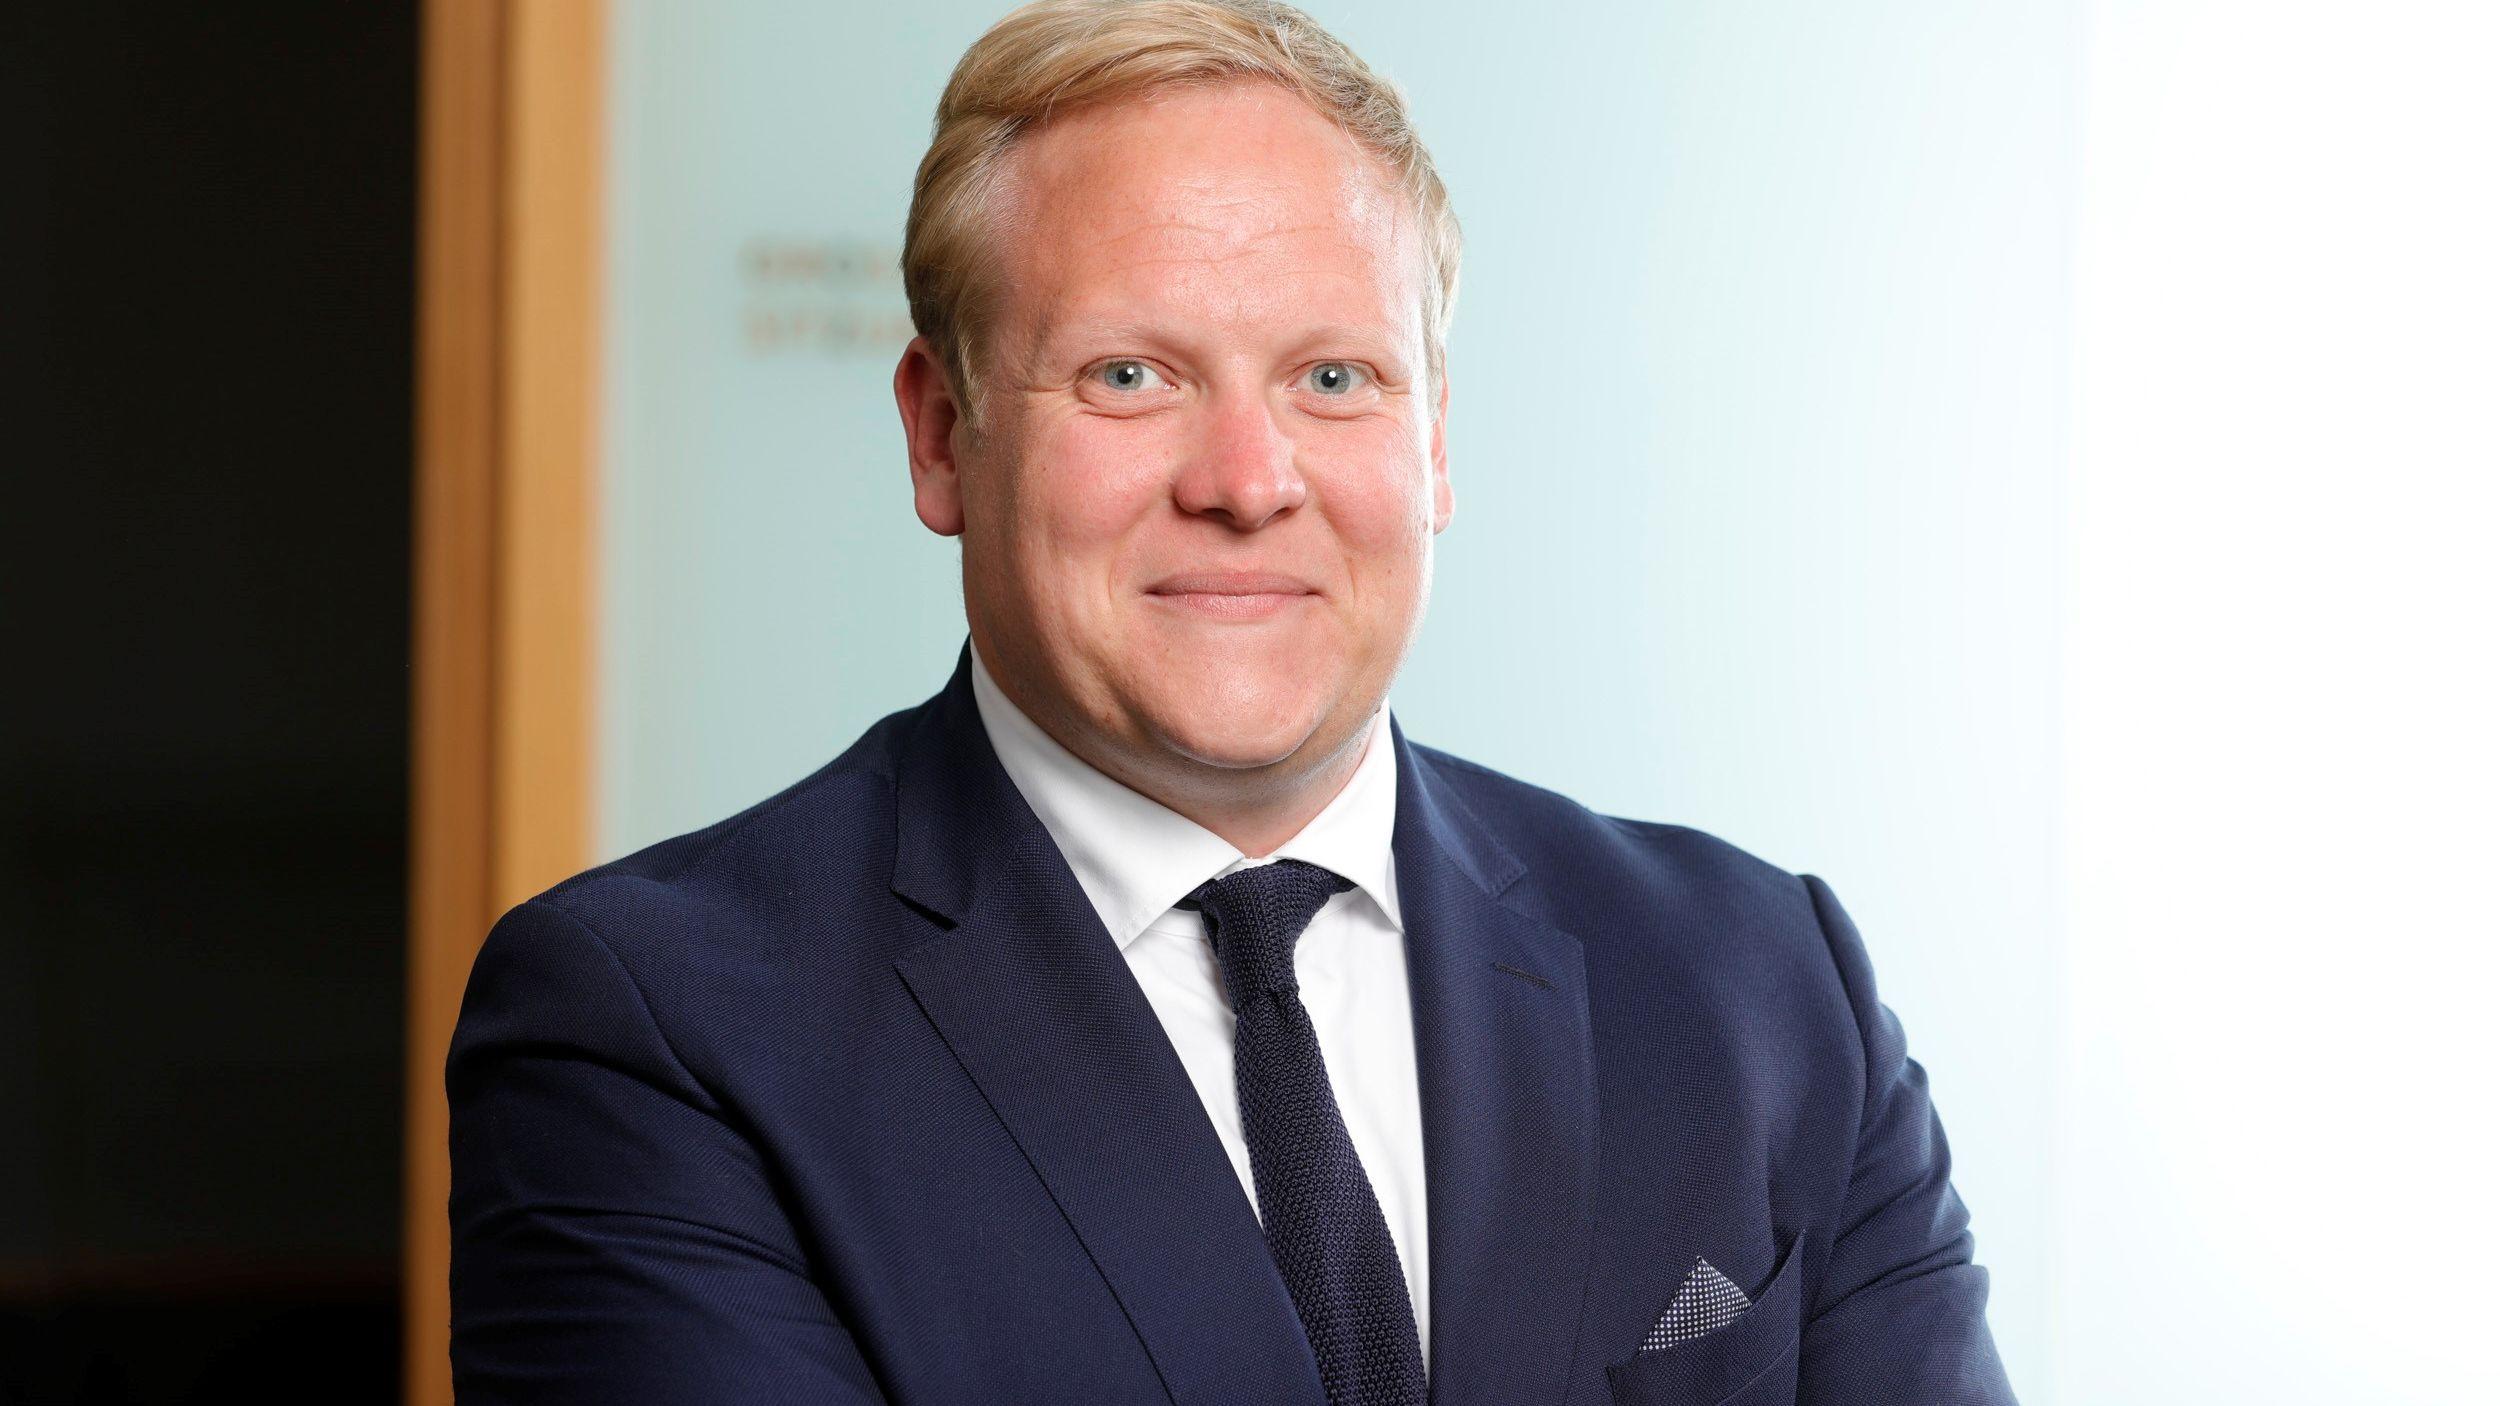 EU-Urheberrechtsreform: JU-Chef Tilman Kuban will neuen Anlauf ohne Upload-Filter